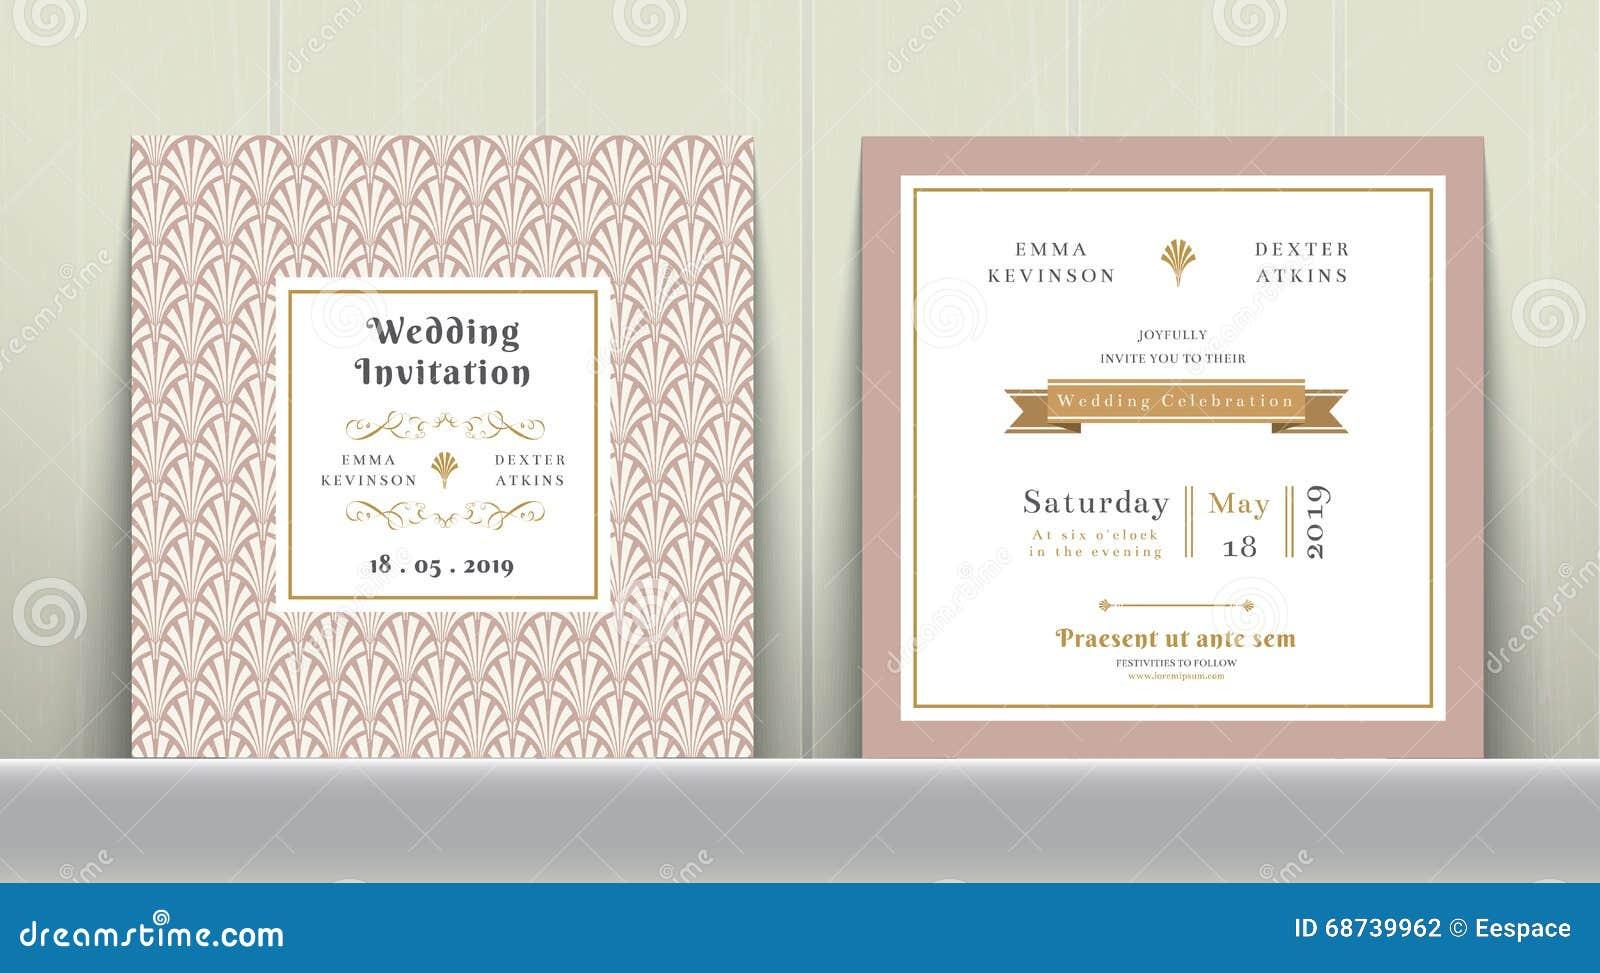 Art deco wedding invitation card no ouro e no rosa ilustrao do download art deco wedding invitation card no ouro e no rosa ilustrao do vetor ilustrao stopboris Choice Image